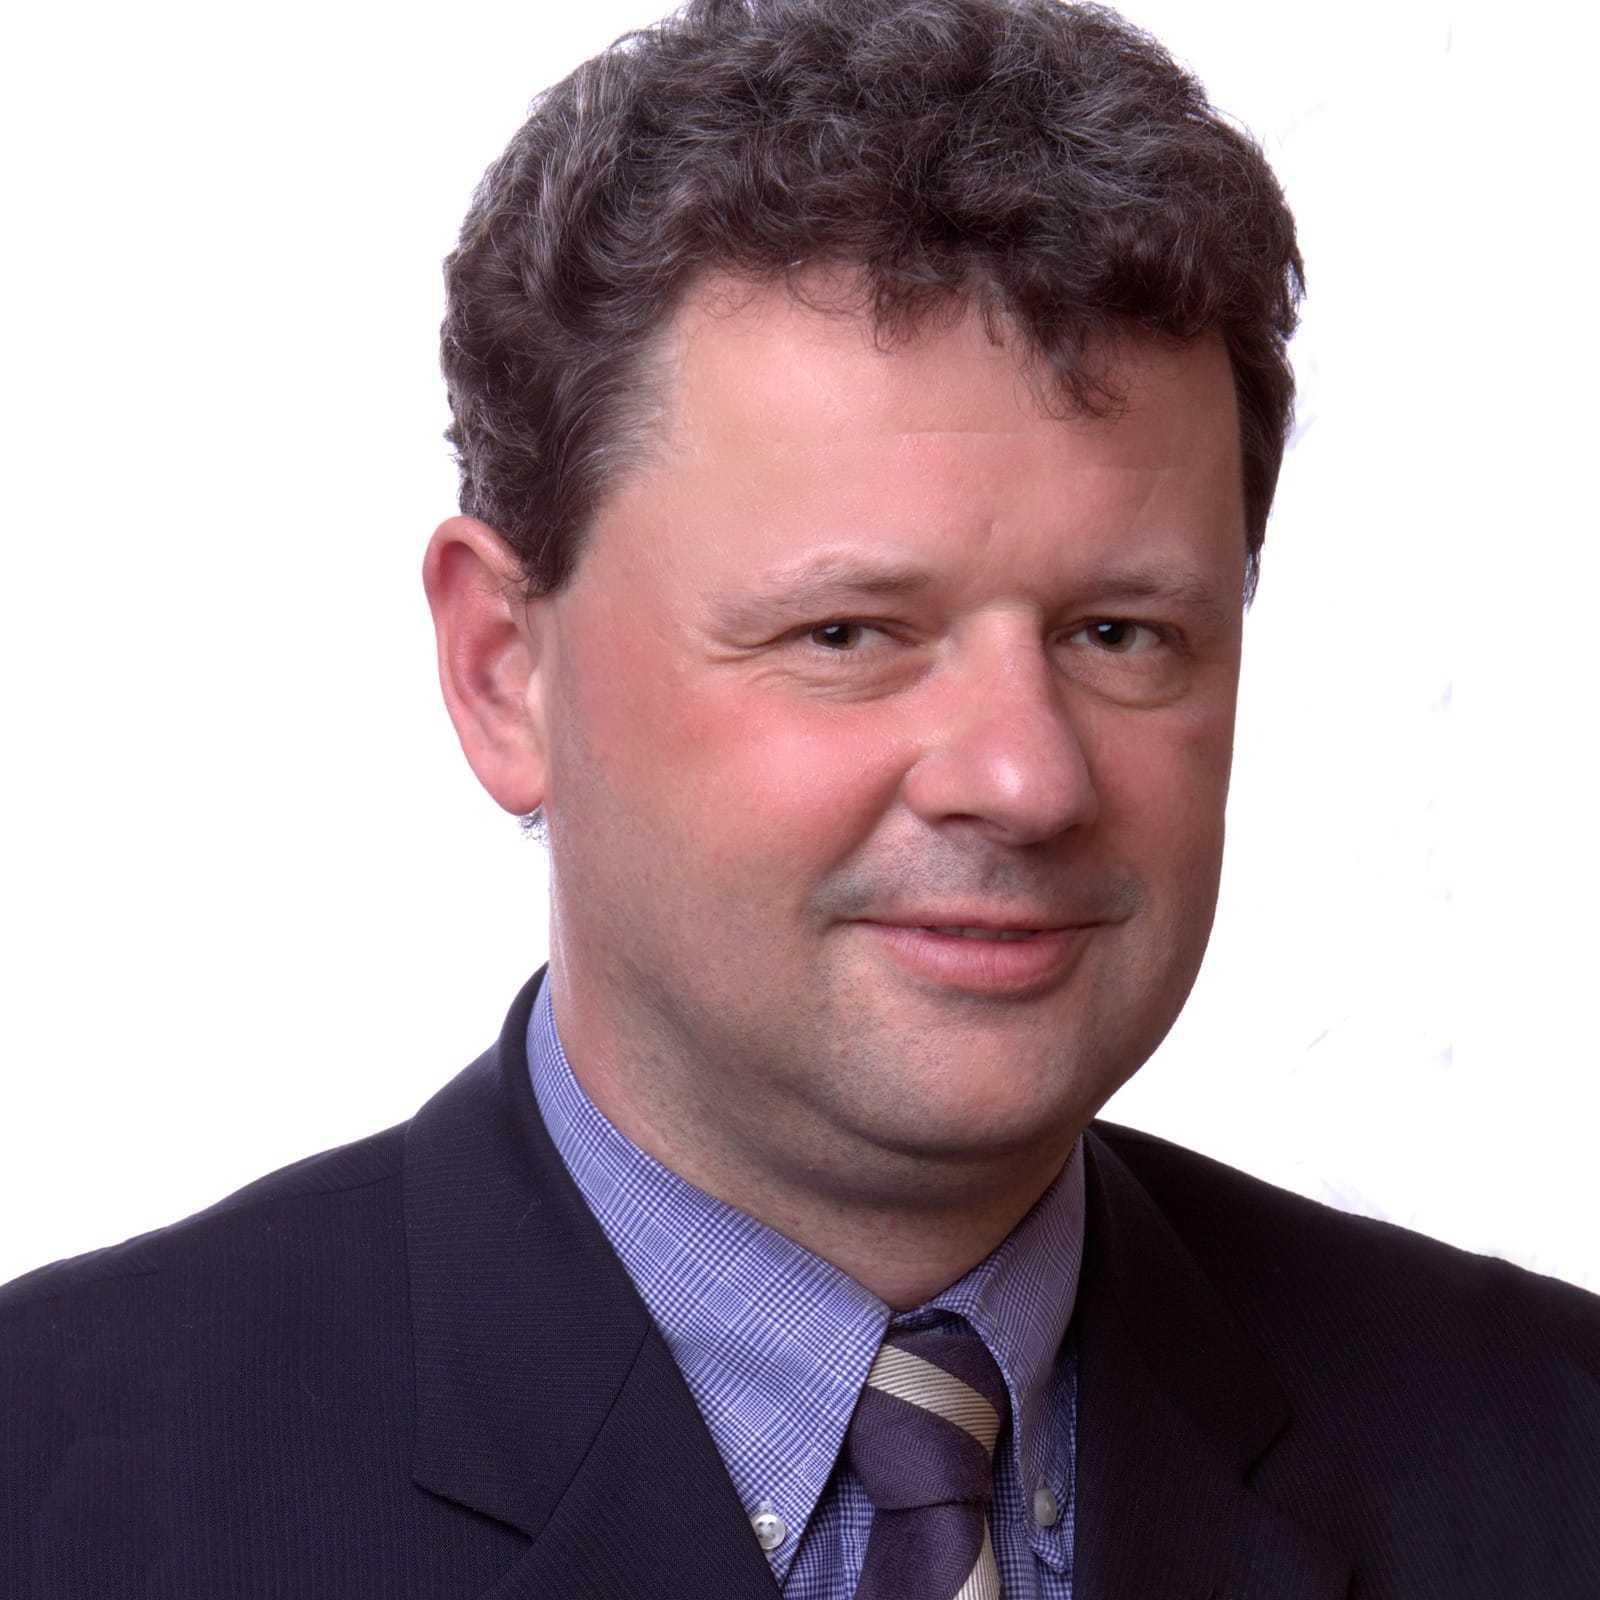 Martin Wijgman - Boekhouder in Hengelo (ov)